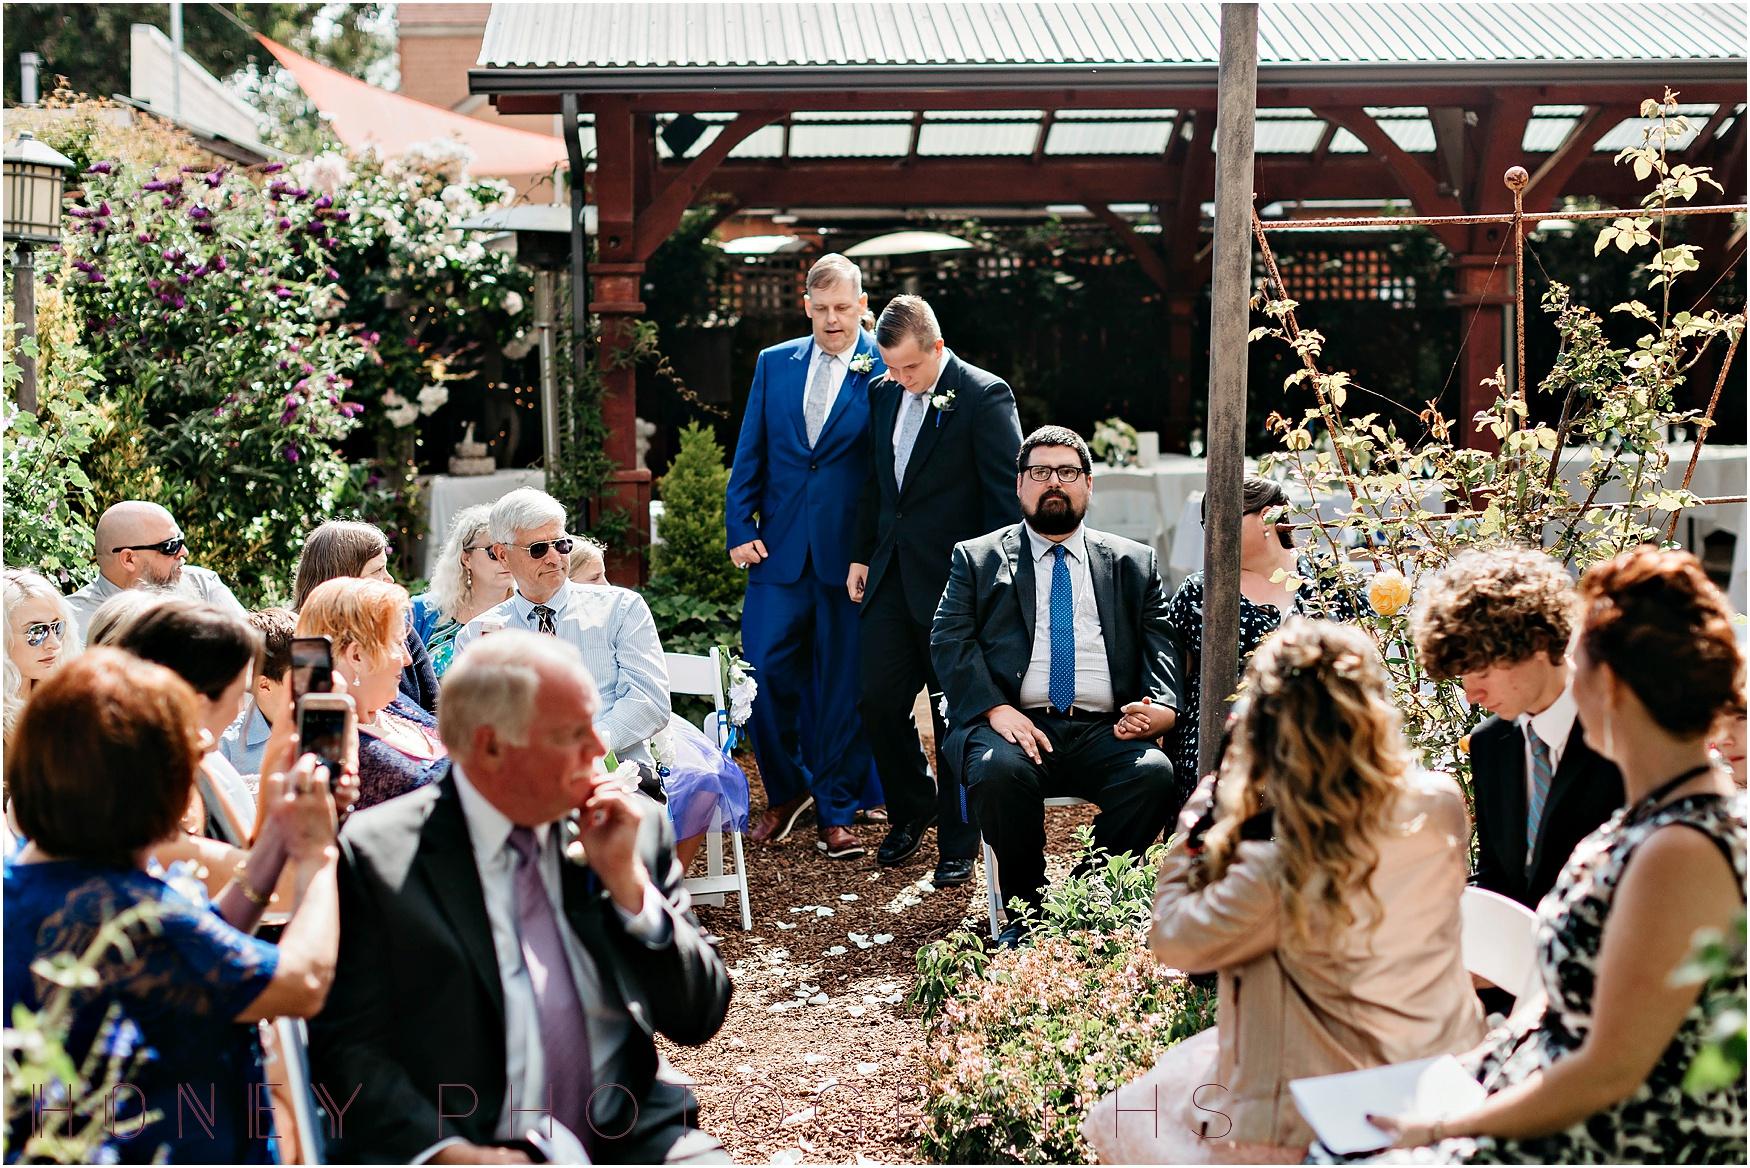 cambria-san-lois-obispo-wedding-garden-intimate19.jpg